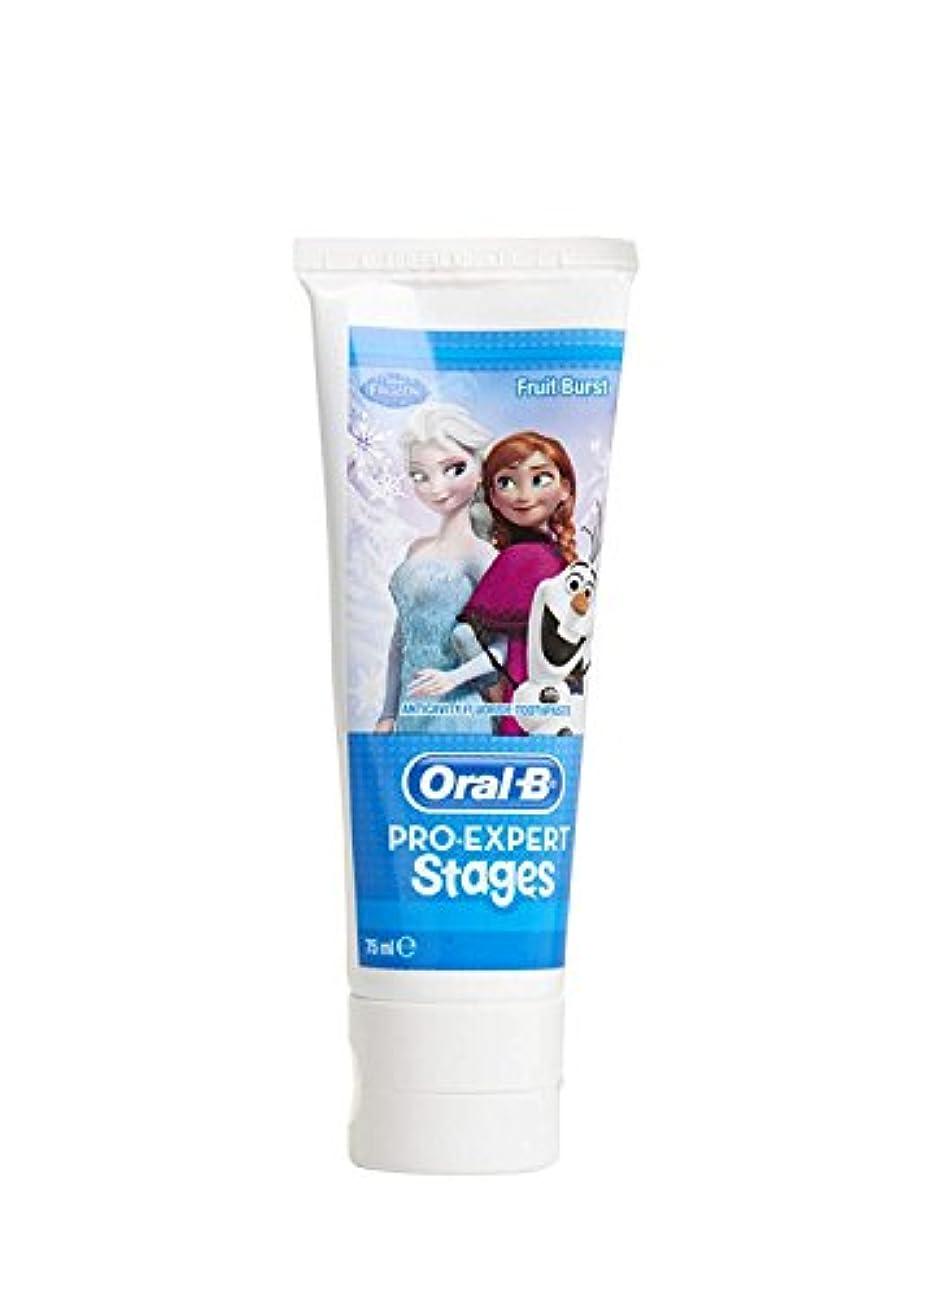 取り付け論理大騒ぎオーラルB アナ雪キャラクター 子供用 歯磨き粉 5-7歳対象  並行輸入品 海外発送